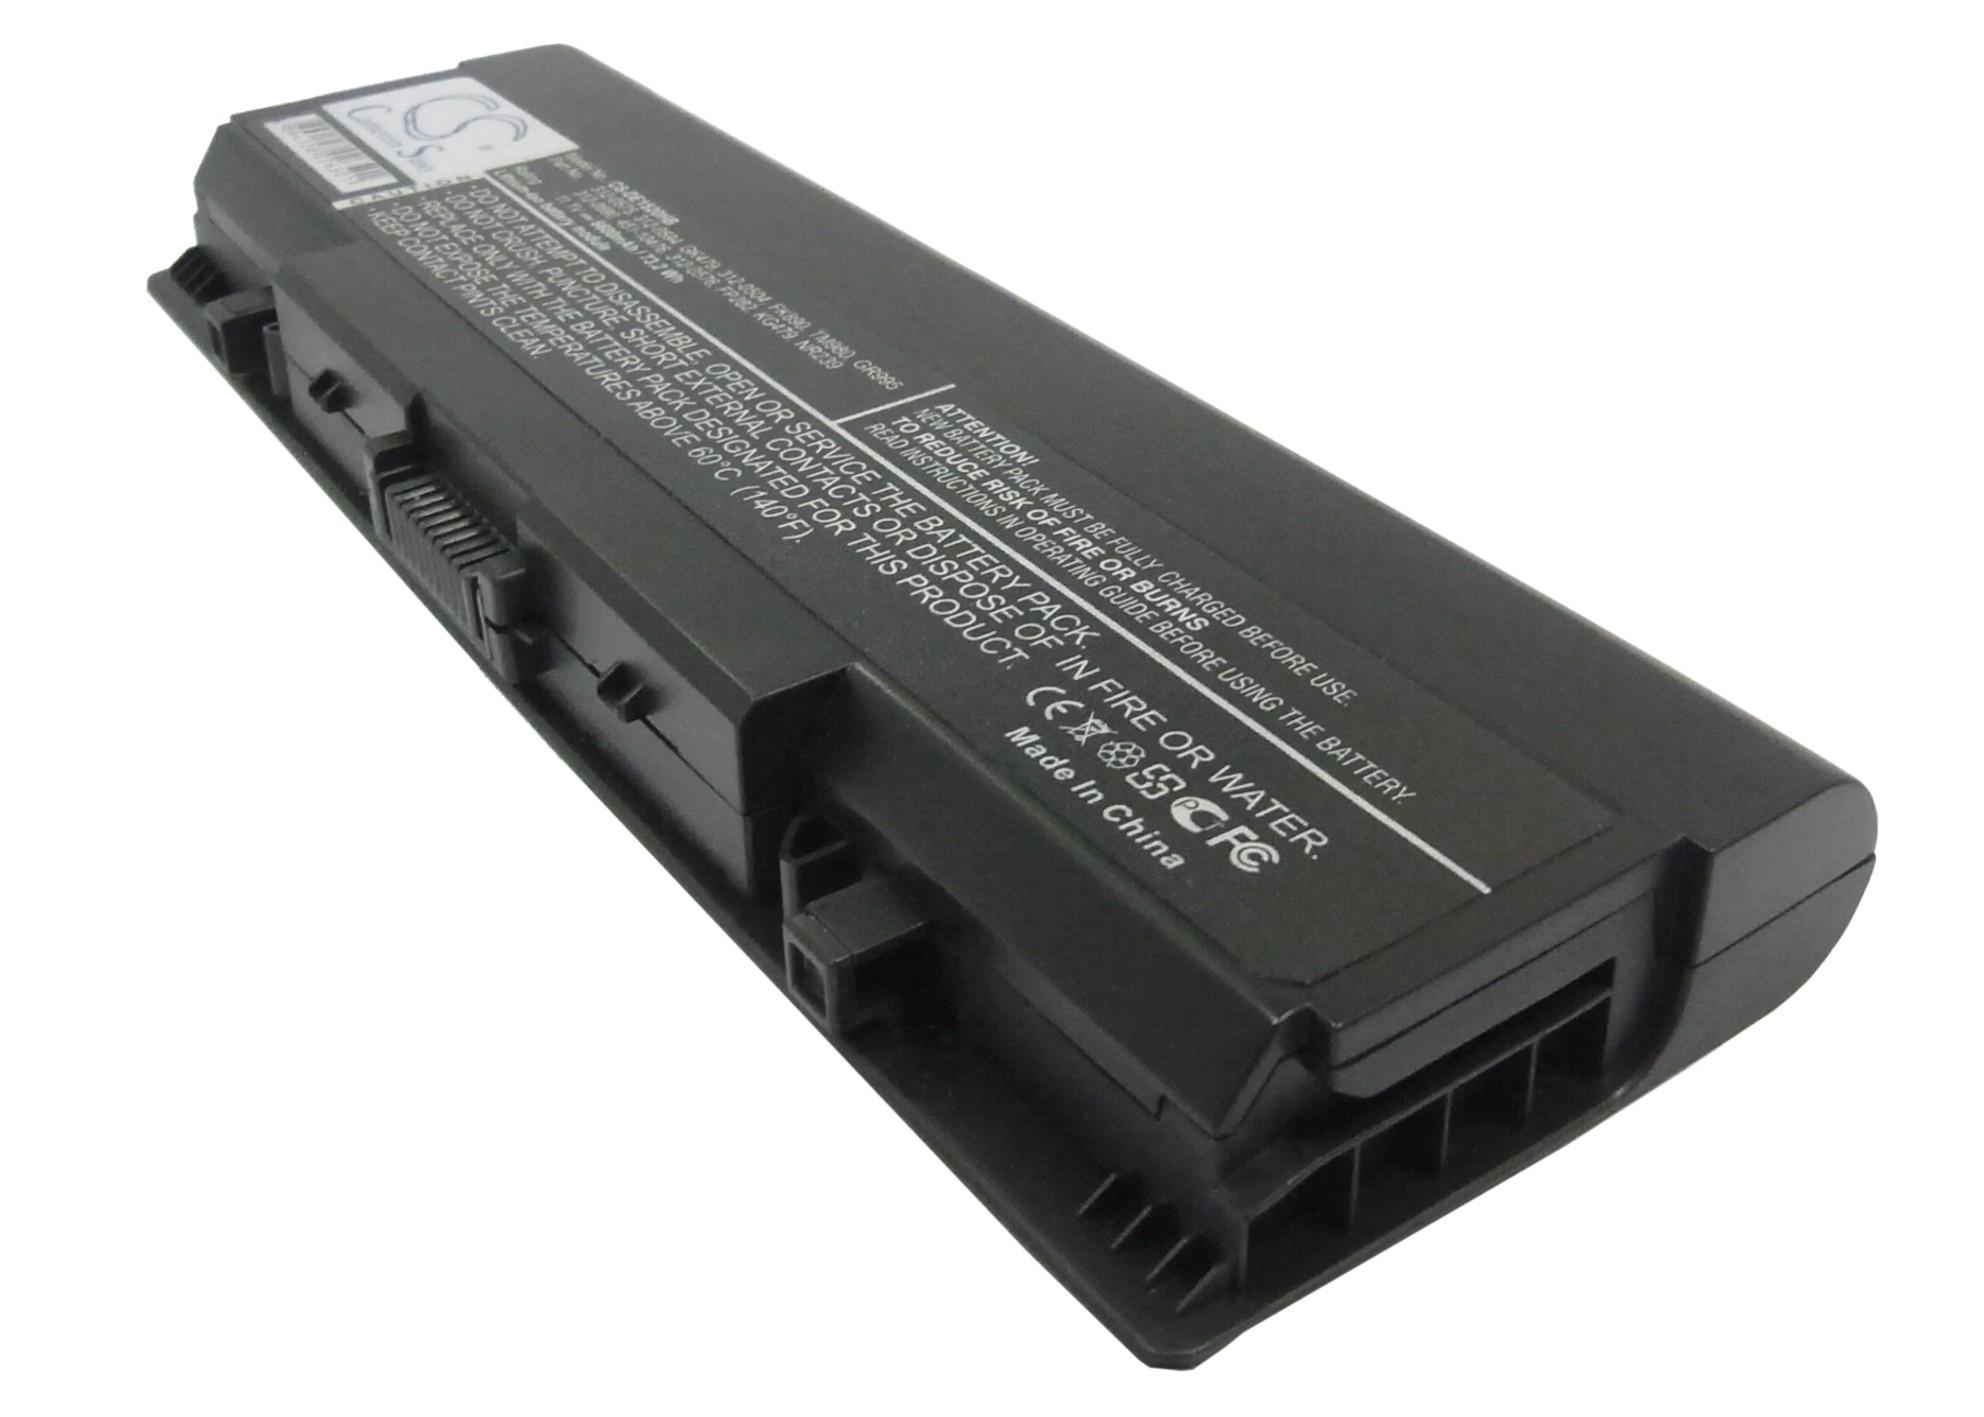 Cameron Sino baterie do notebooků pro DELL Vostro 1700 11.1V Li-ion 6600mAh černá - neoriginální